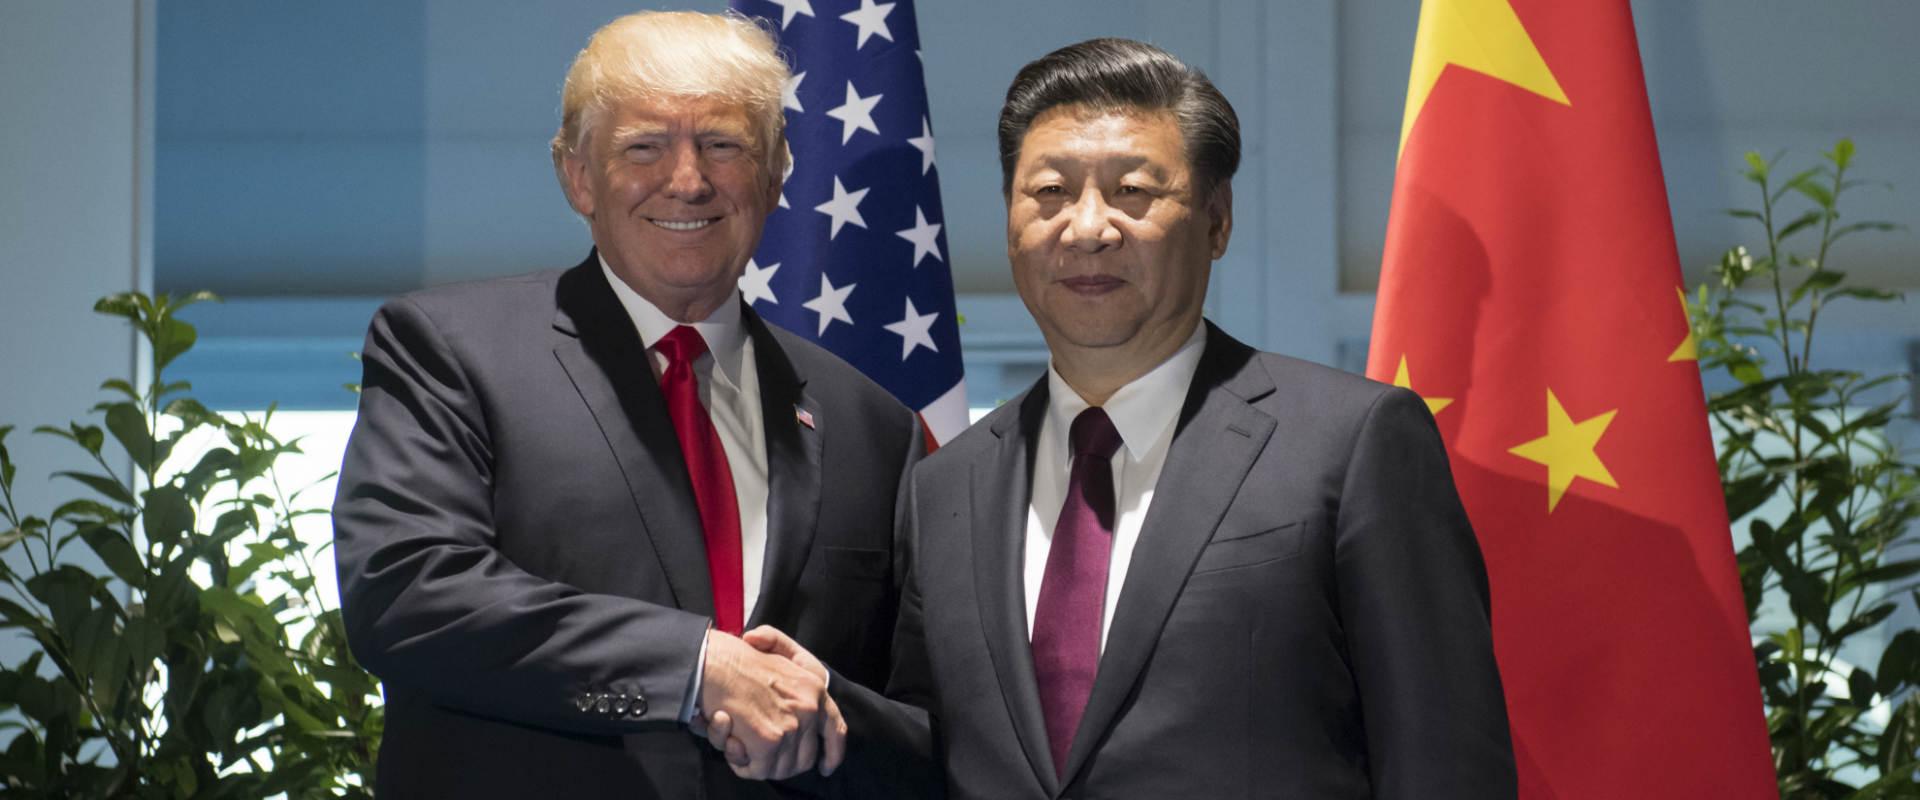 שי ג'ינפינג ודונלד טראמפ בפסגת G-20, בגרמניה ביולי